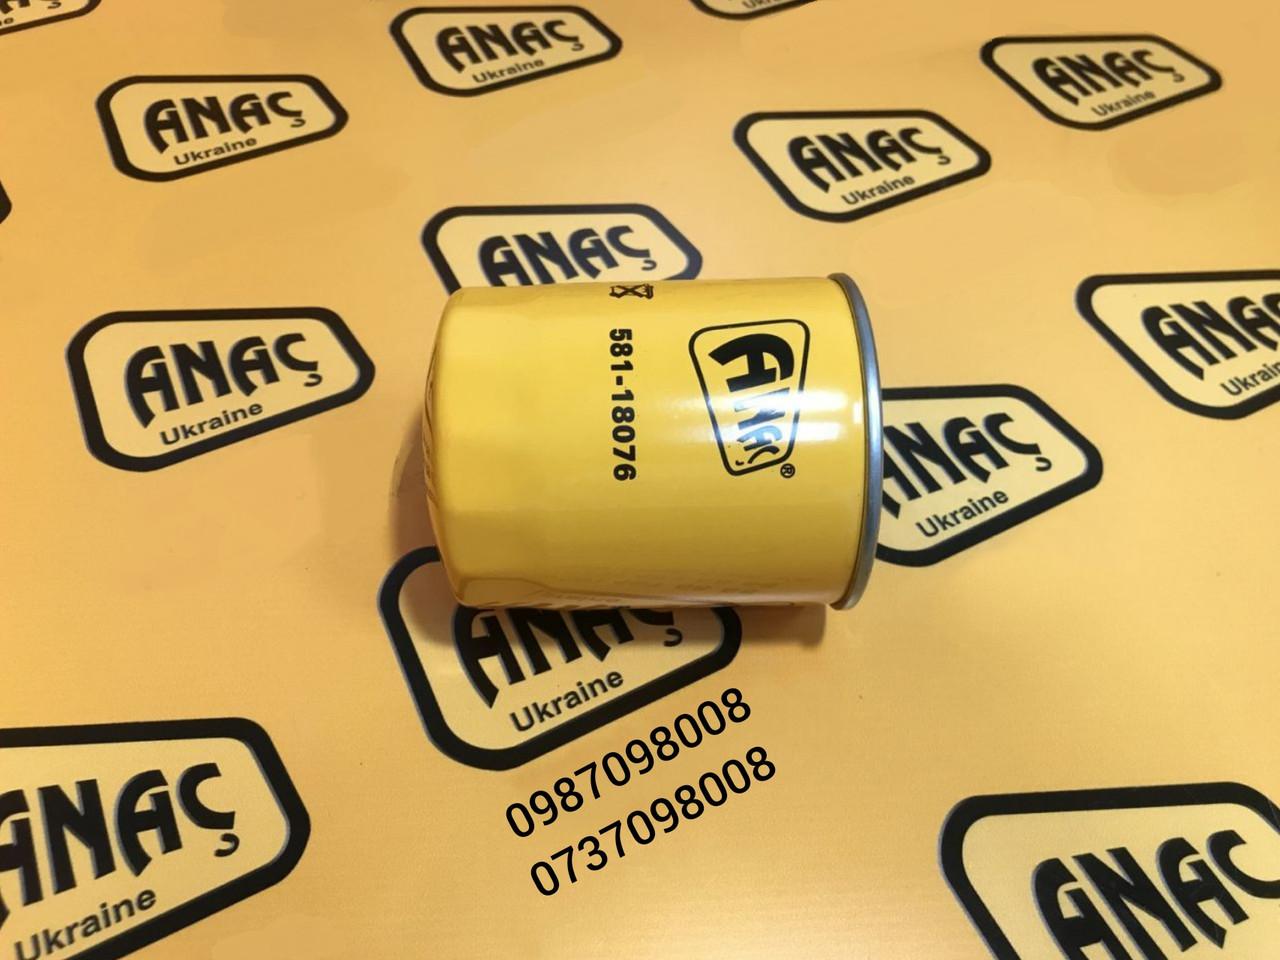 Фильтр трансмиссии для КПП на JCB 3CX, 4CX 581/18076, 581/M7013, 581/M8564, 32/915500, 581/R2034